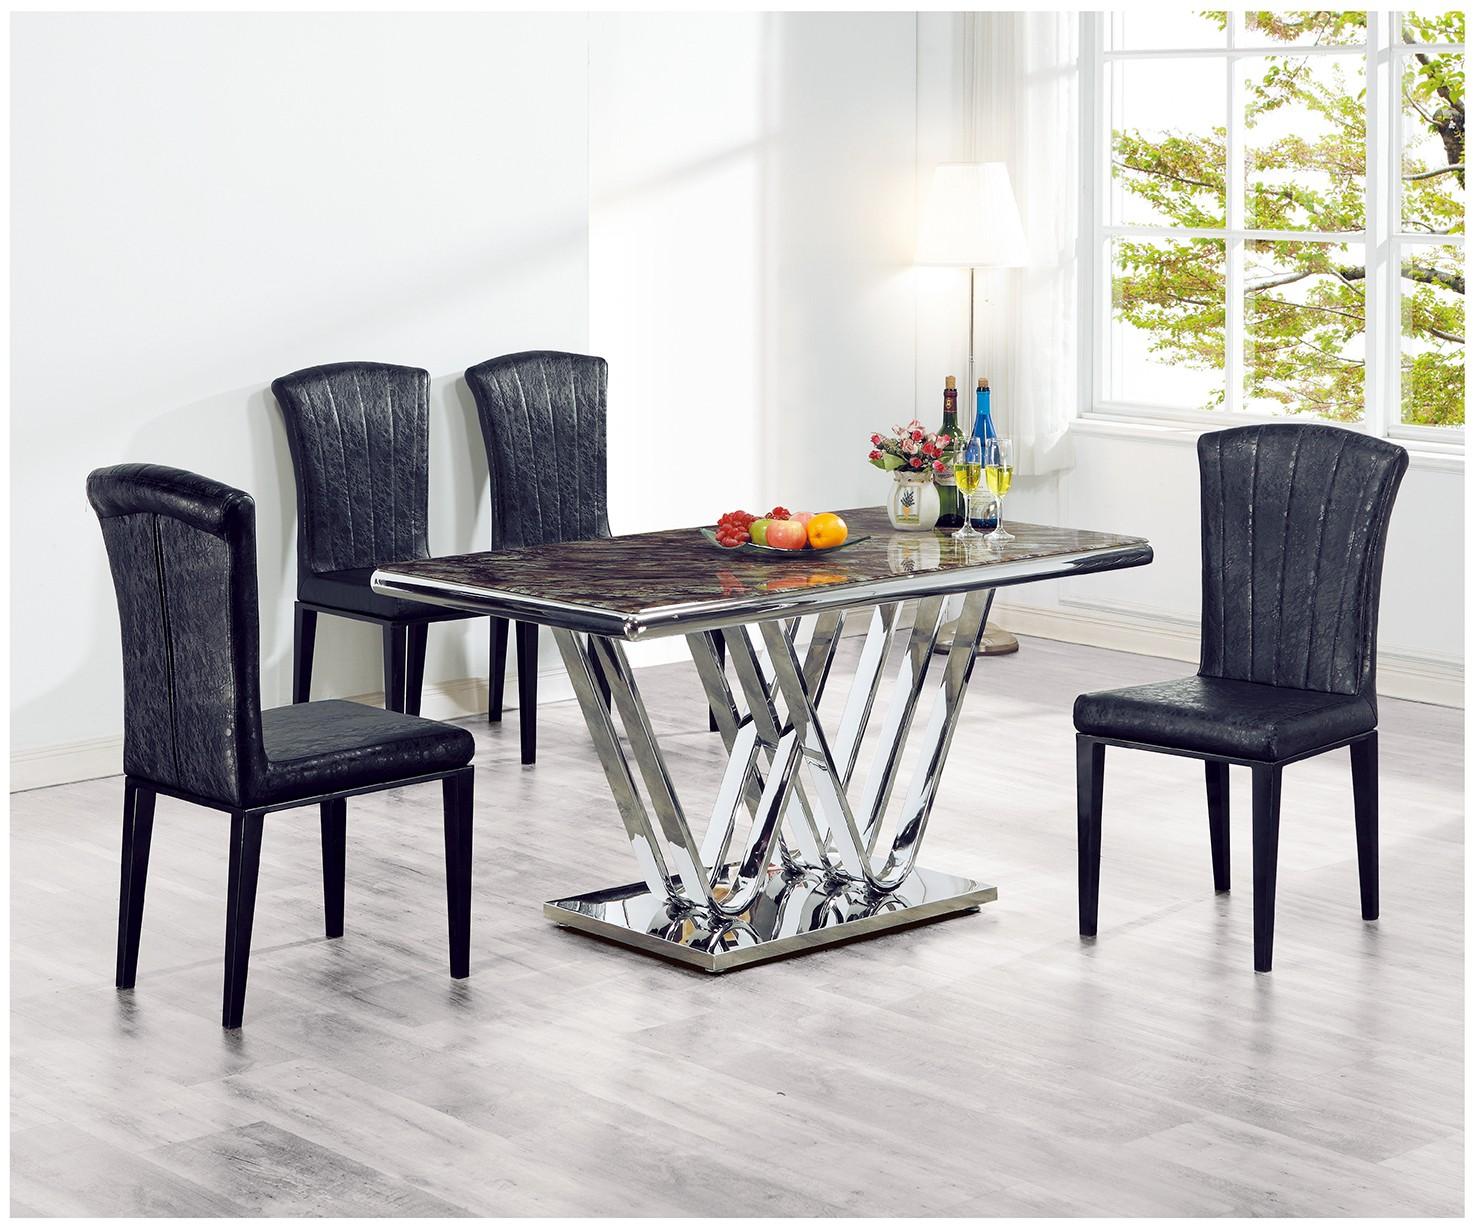 (C188-2)4.6尺石紋玻璃餐桌椅(1桌4椅)